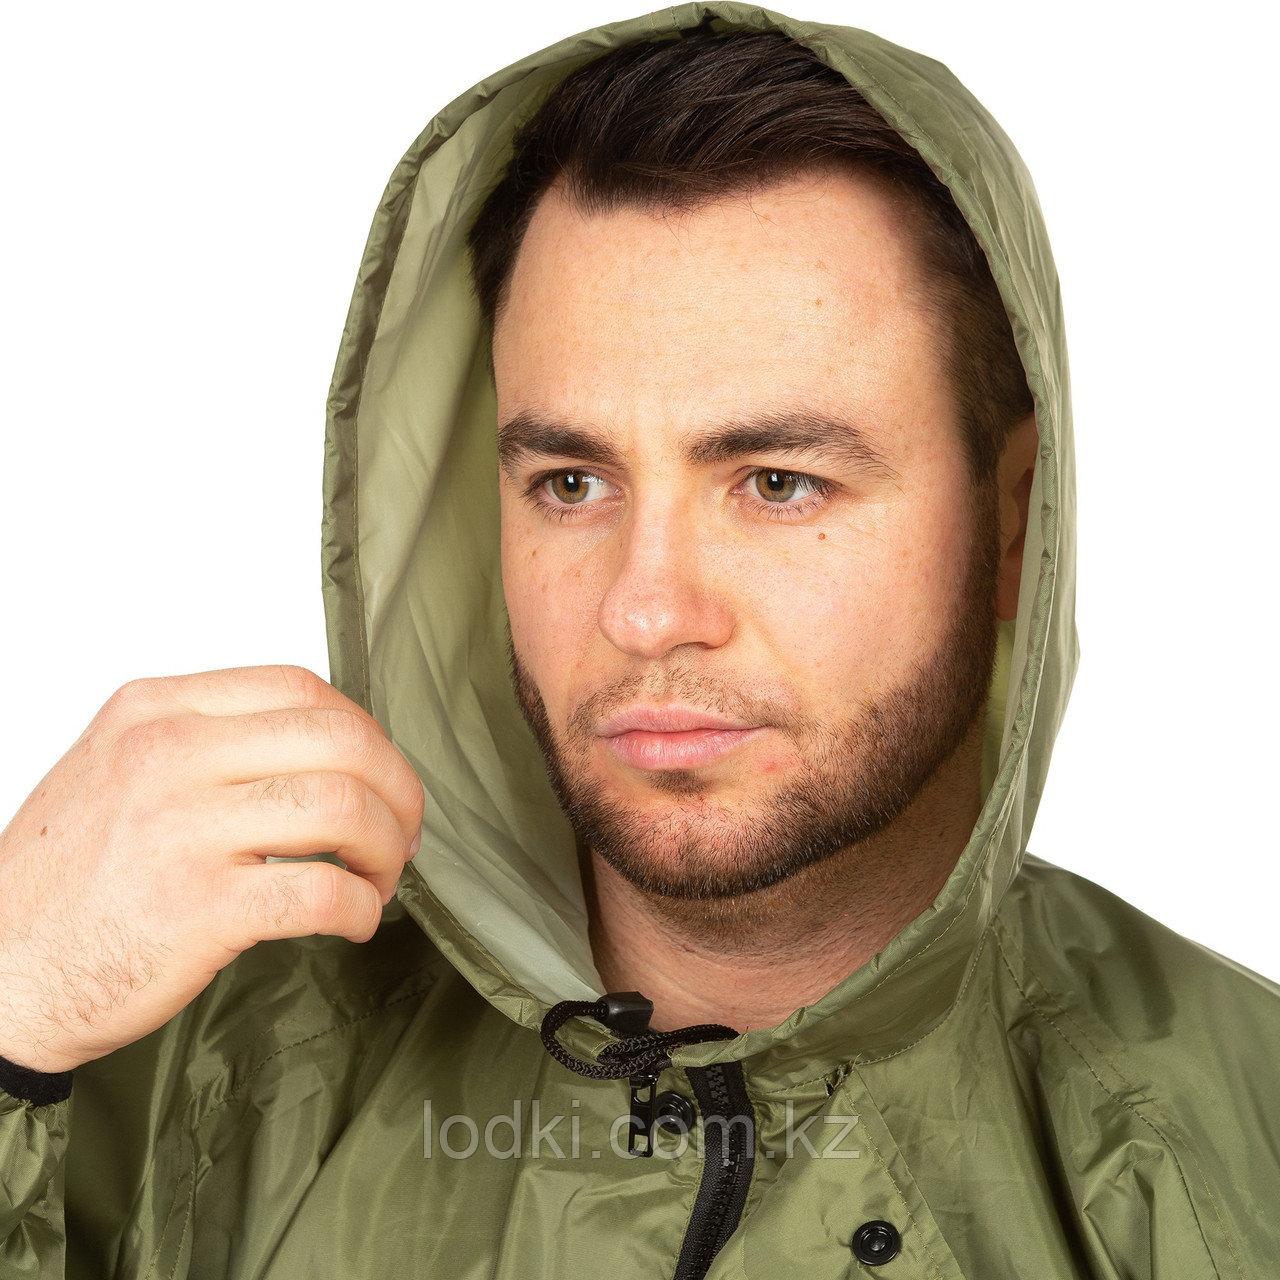 Костюм дождевик ВВЗ Шторм цвет Зеленый ткань Таффета PVC 20000мм Размеры от44до64 - фото 5